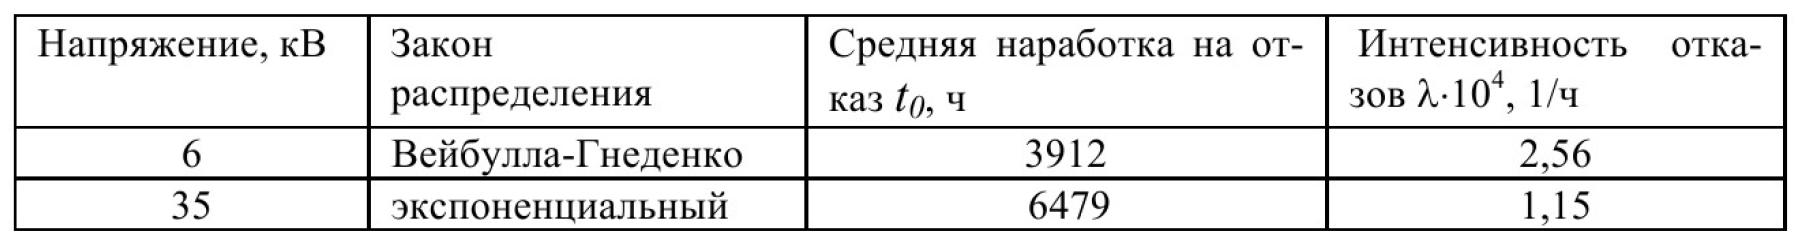 Эксплуатационная надежность стационарных электрических сетей угольных разрезов Кузбасса 8